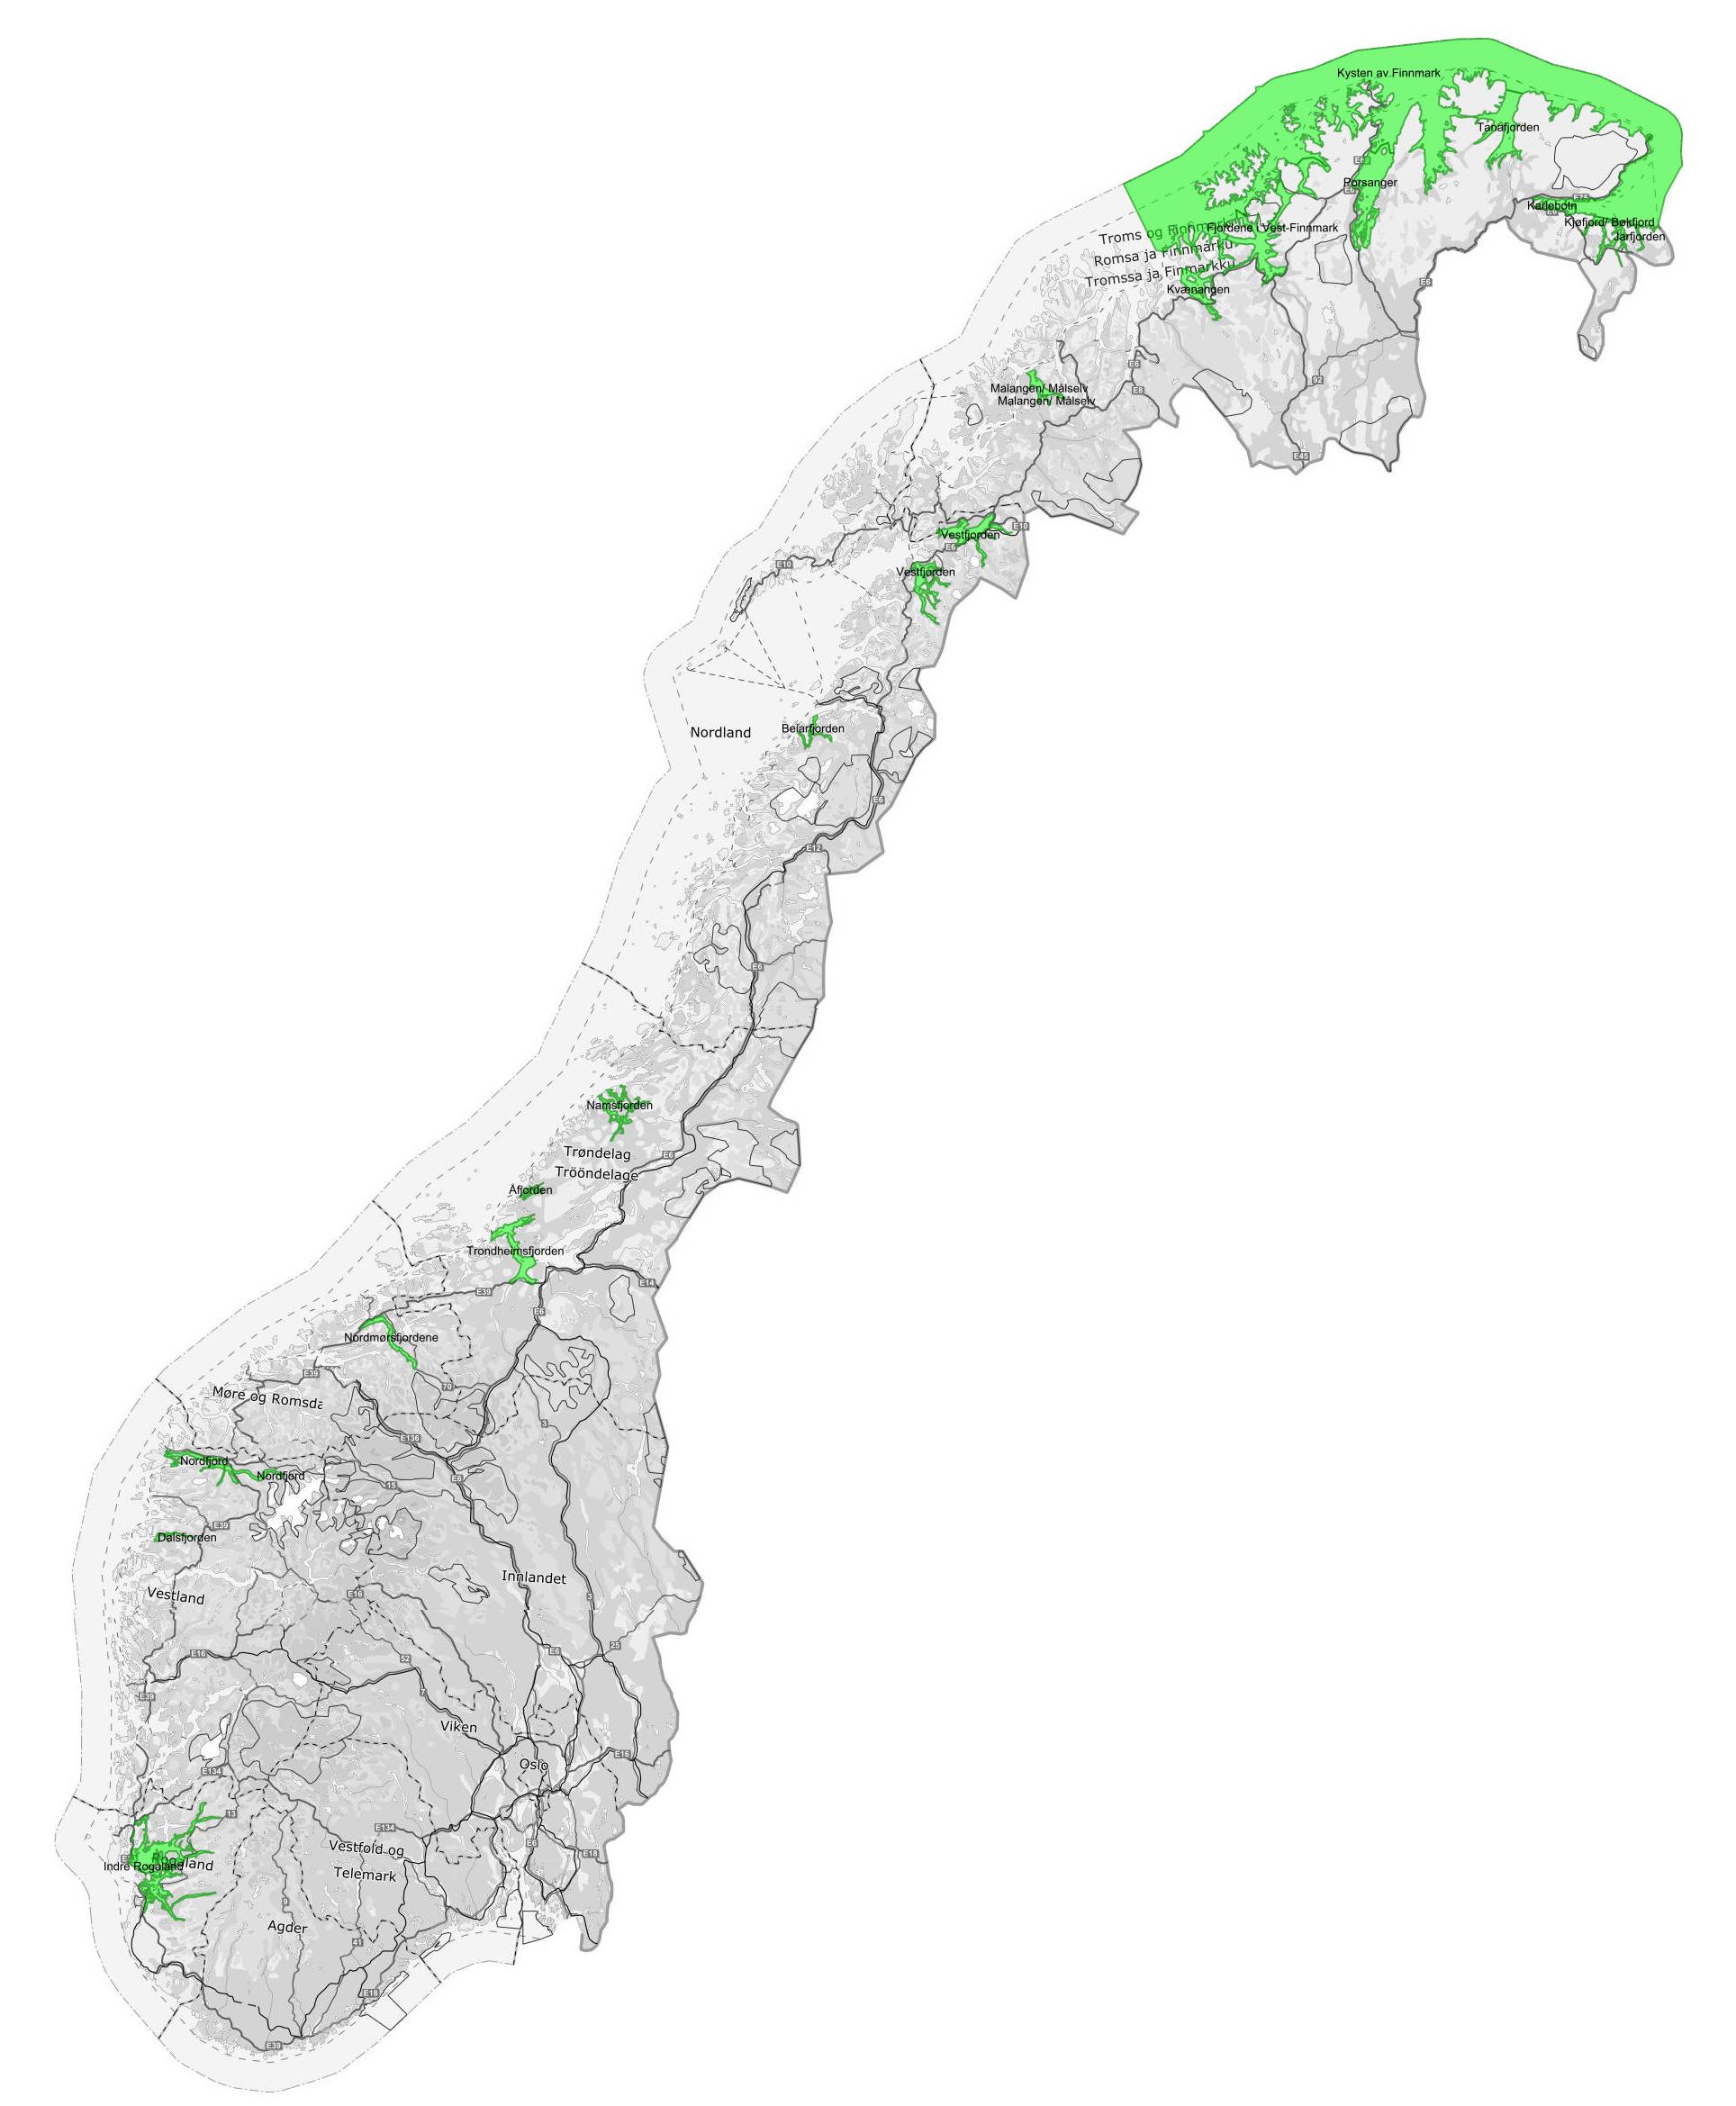 Kart over sjølaksefiskeområder fra 2021-26